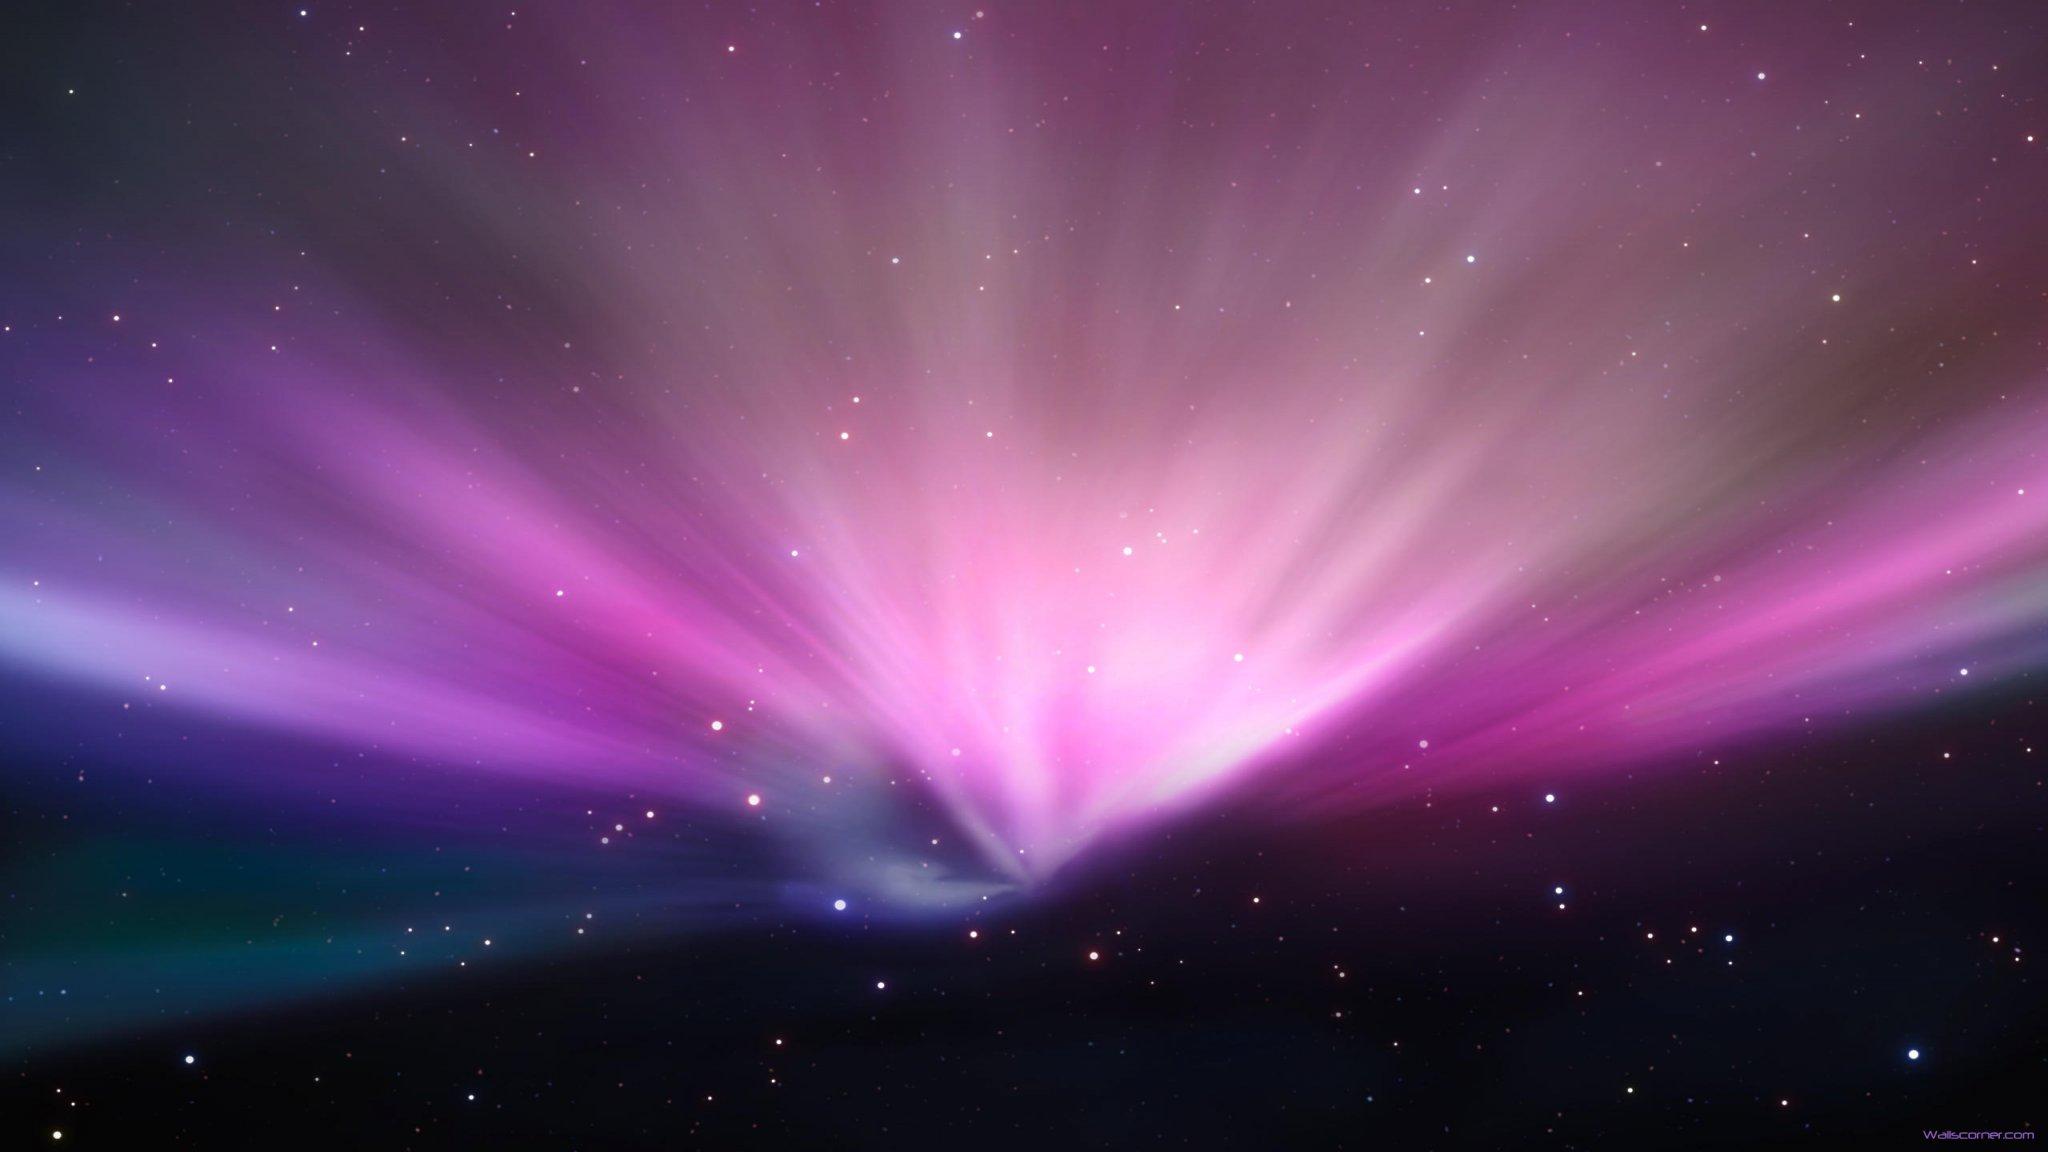 2048x1152 Background Purple mac 2048x1152 wallpaper 2048x1152